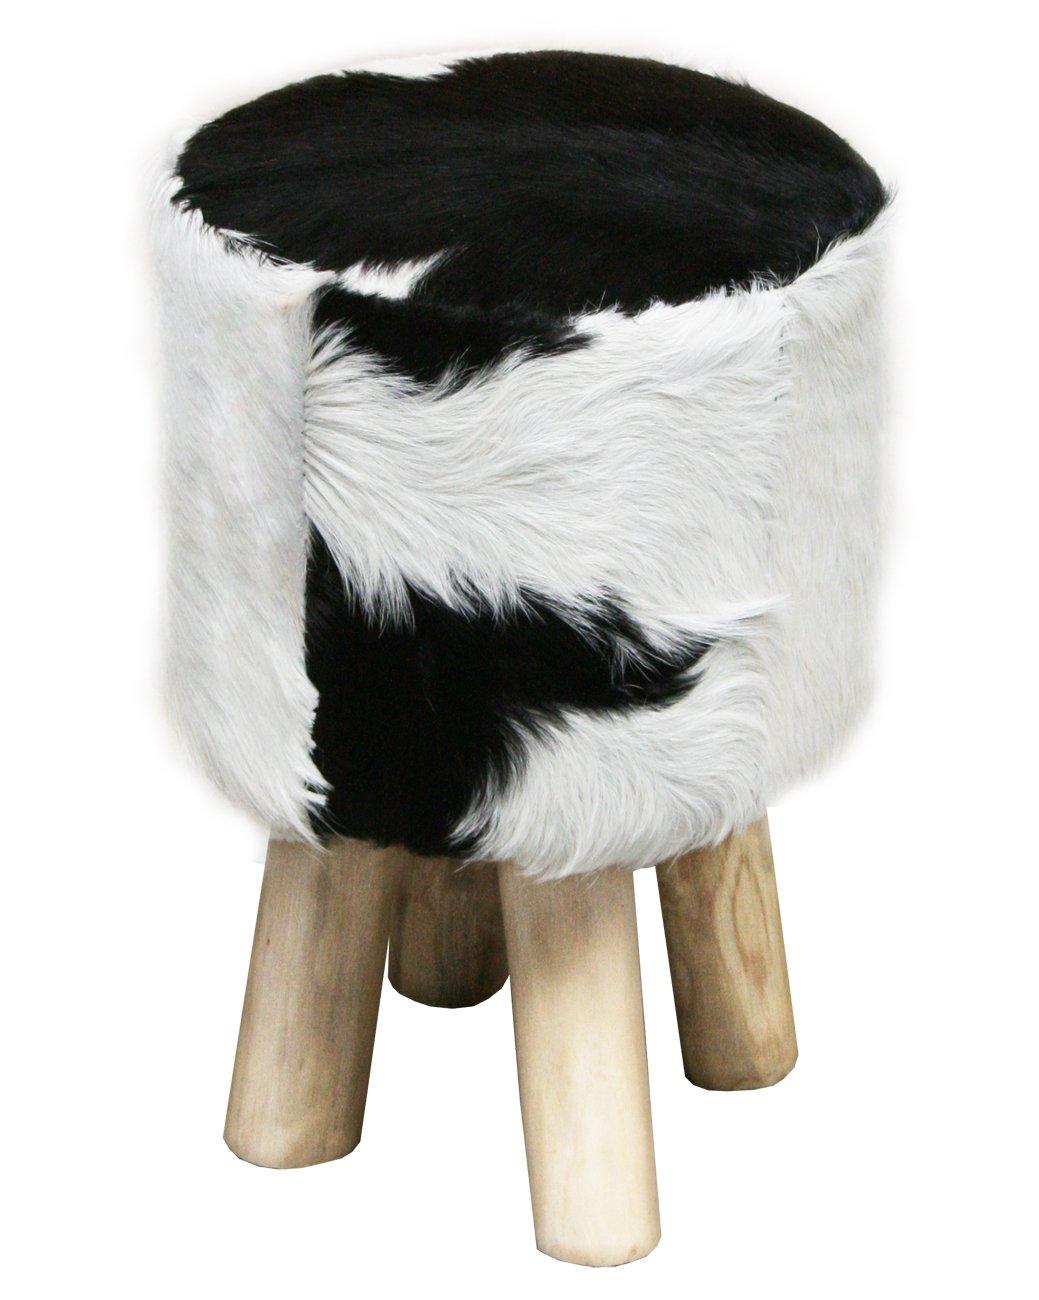 LioLiving®, Hocker im VintageLook mit echtem Ziegenfell (rund) (#400009)    Kundenberichte und weitere Informationen